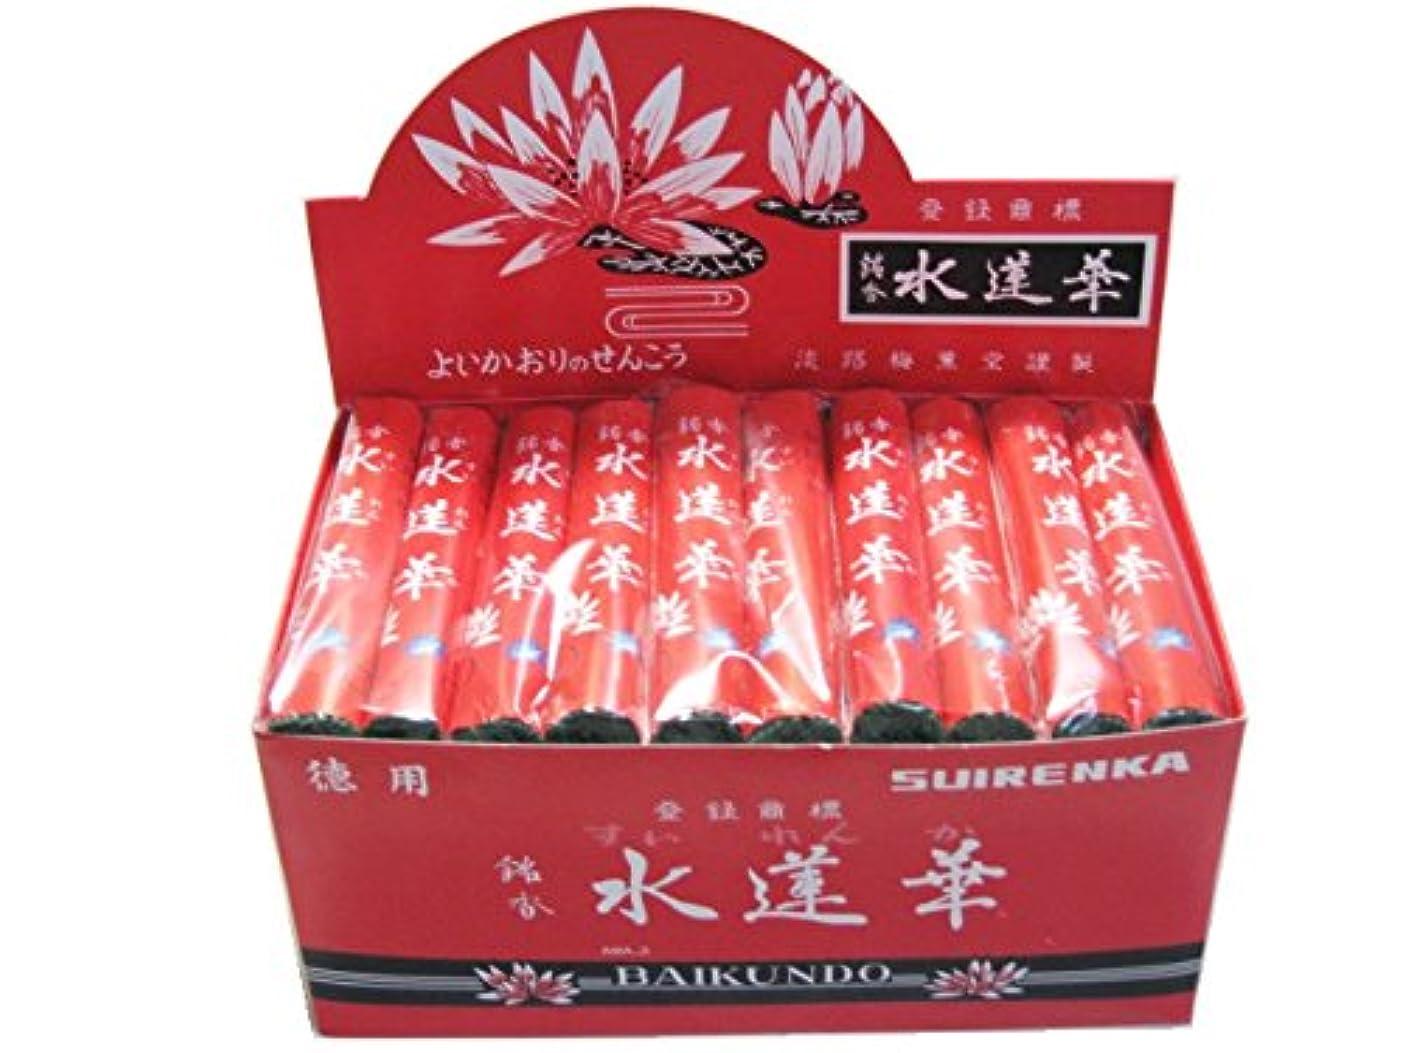 豆無臭紳士気取りの、きざな淡路梅薫堂のお線香 徳用水蓮華 大把 2p × 25袋×12箱 #300